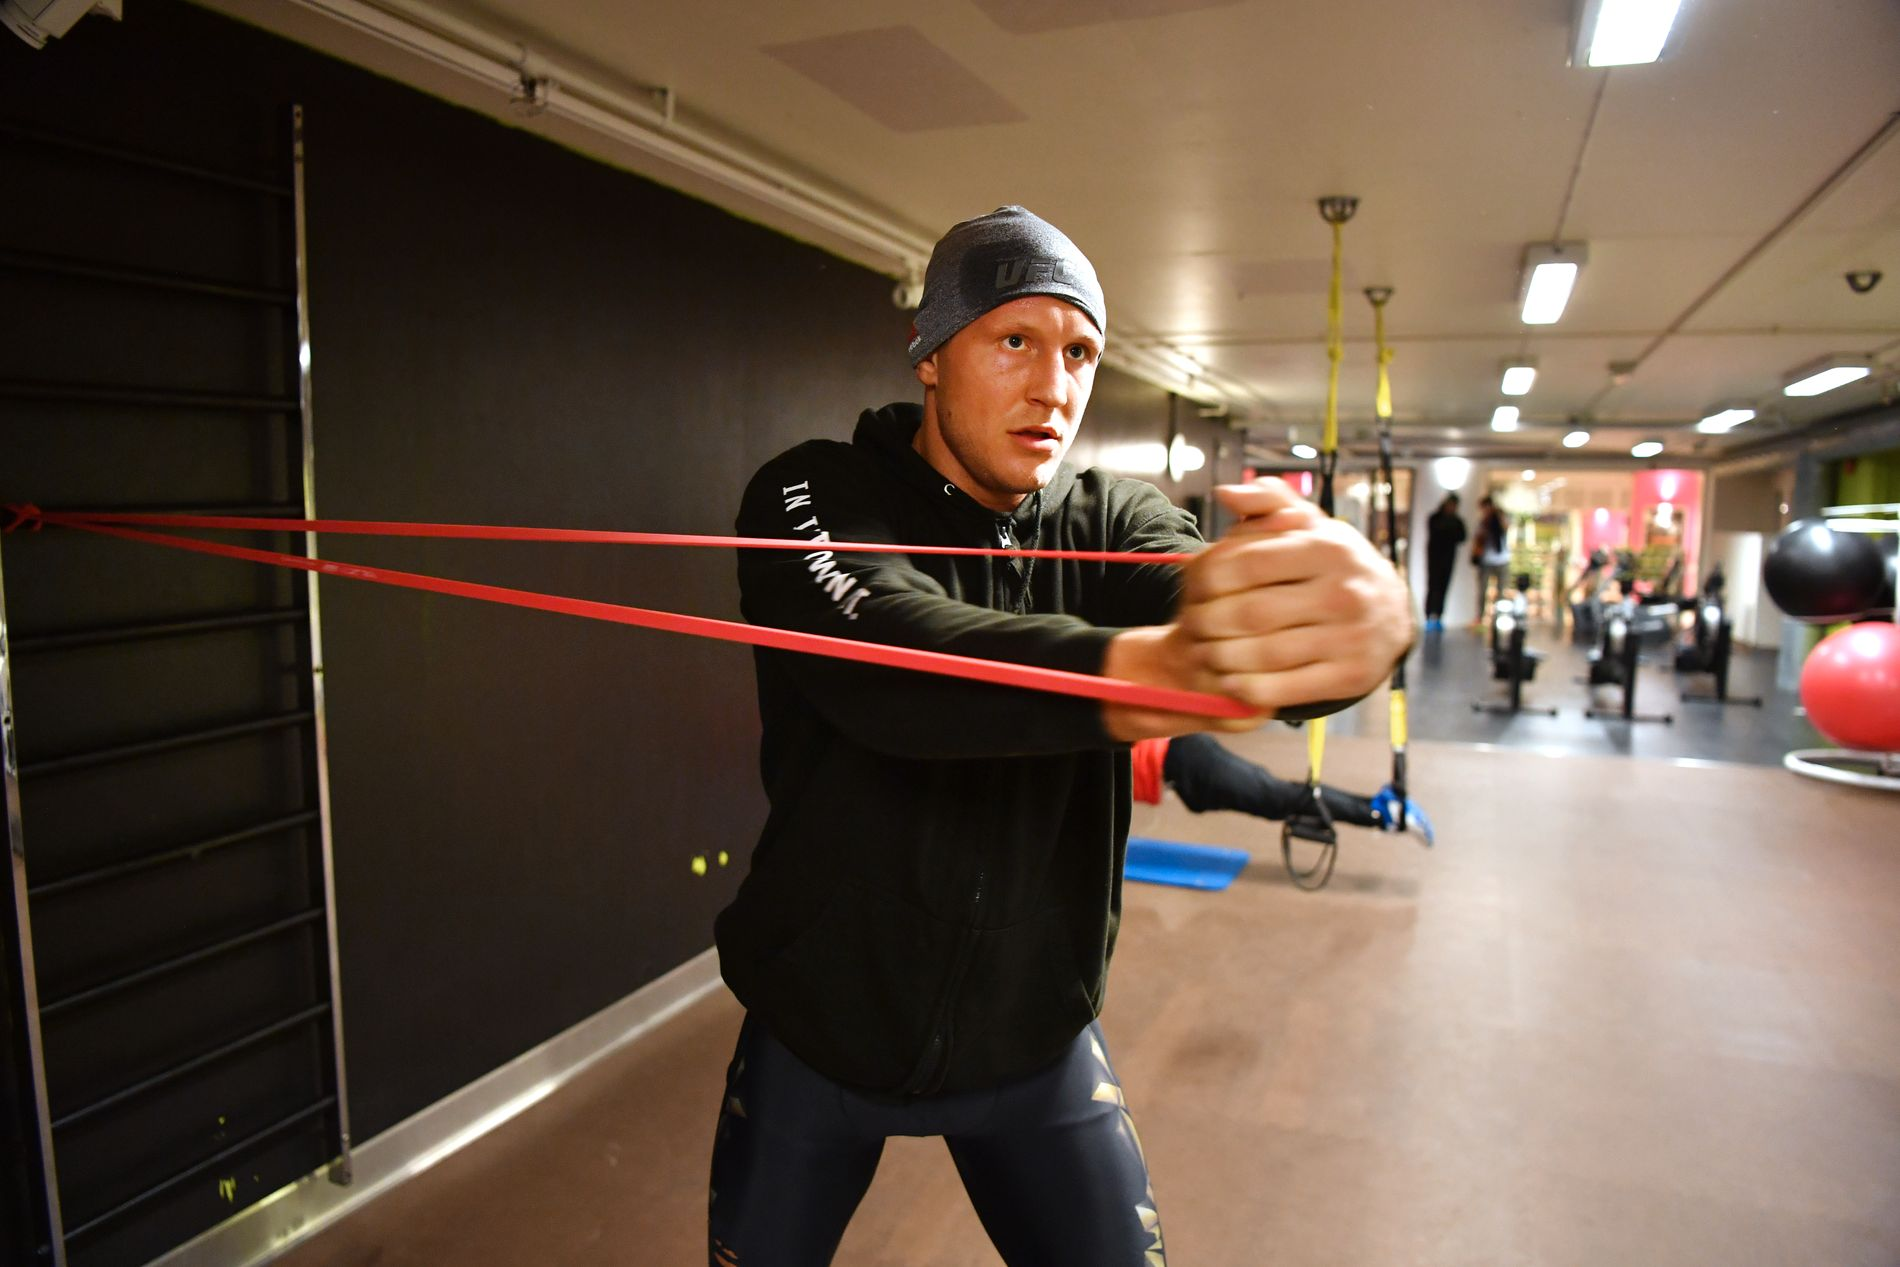 BEKYMRET: MMA-utøver Jack Hermansson, her avbildet på trening for et år siden, håper ikke MMA-sporten tar for mye skade av kaoset i Las Vegas.